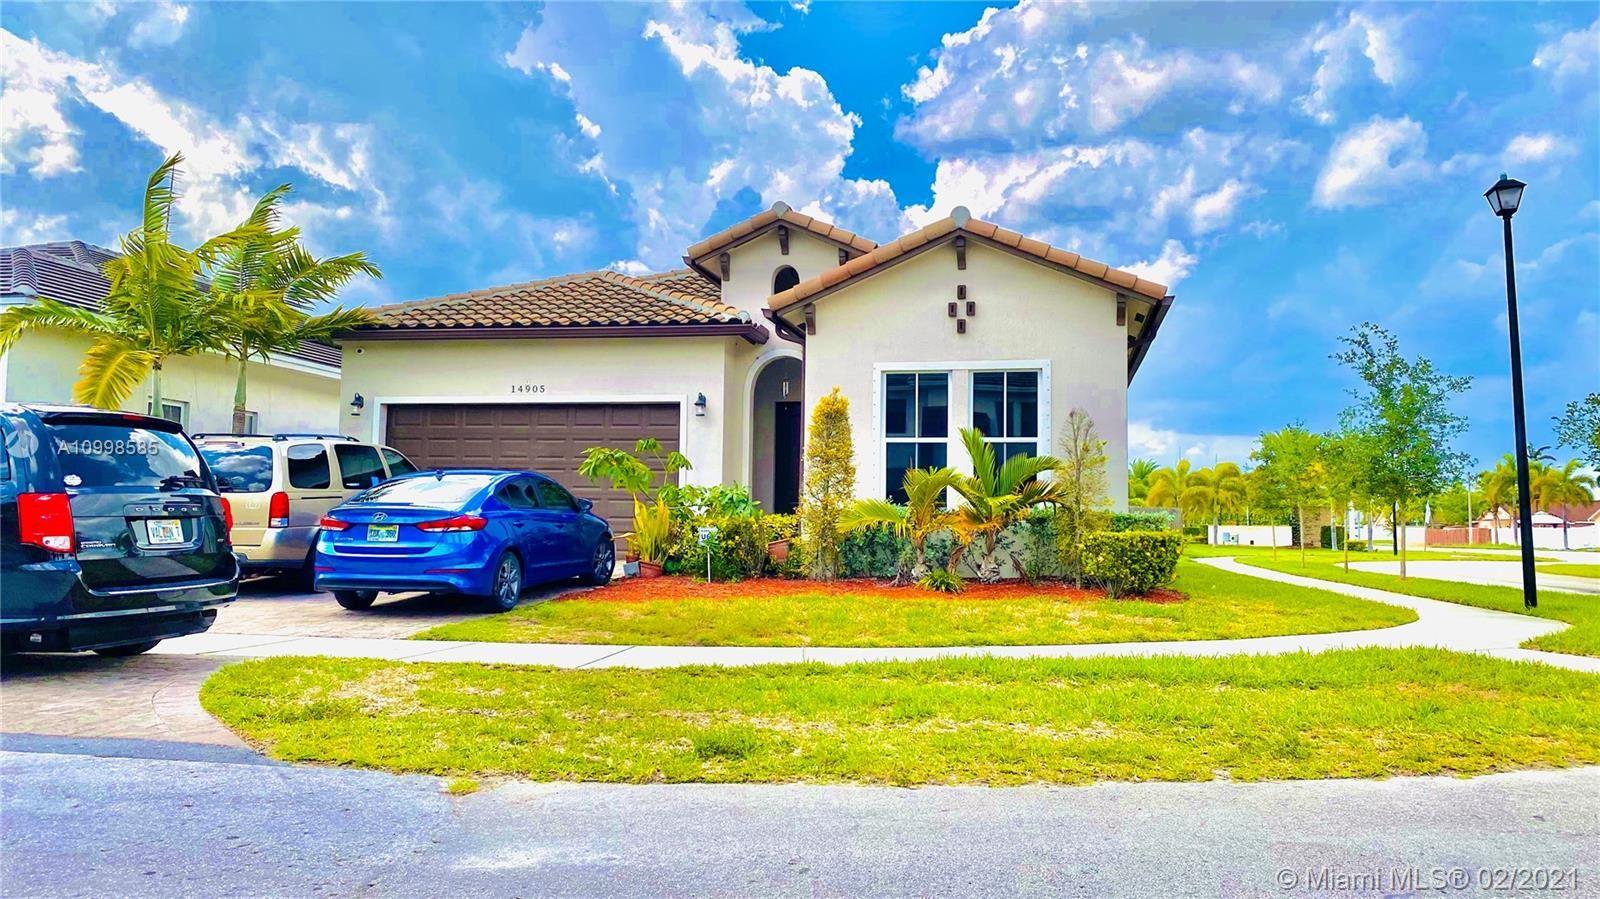 14905 SW 176th Ter, Miami, FL 33187 - #: A10998585